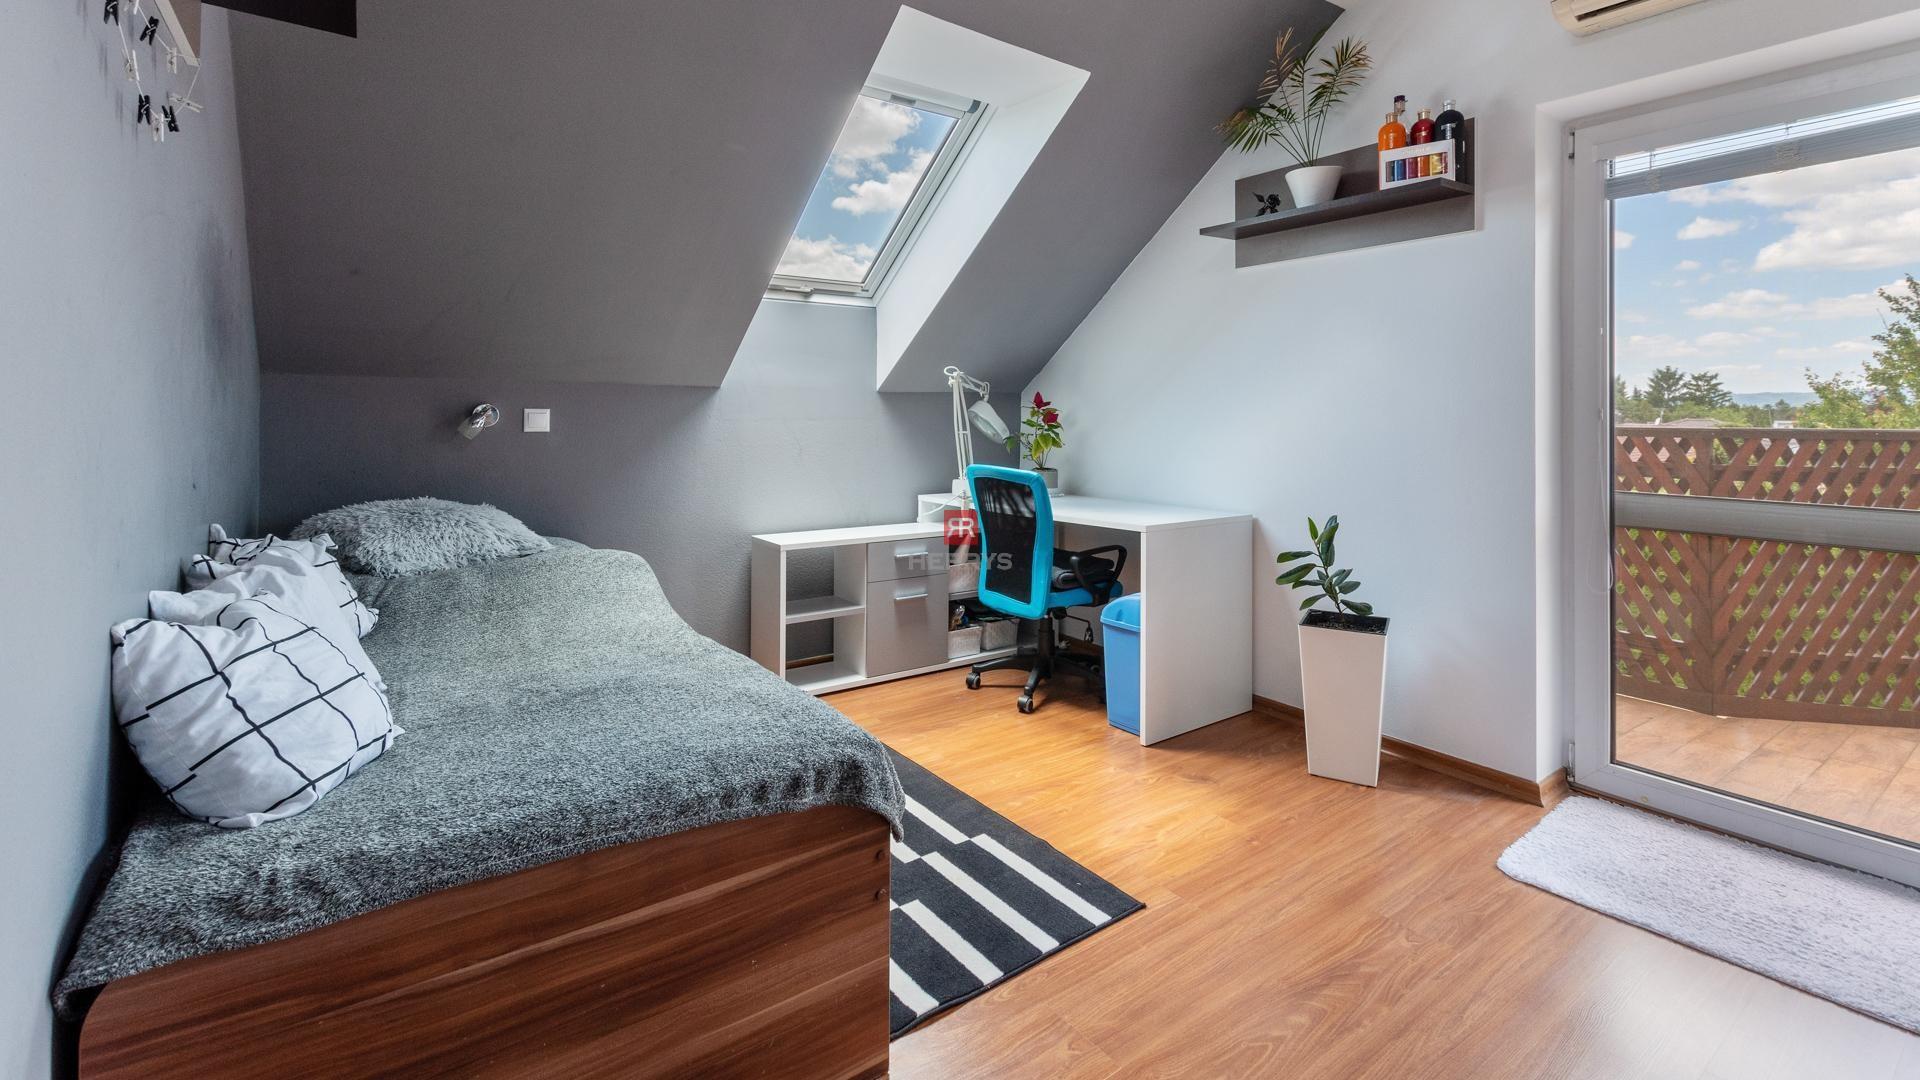 HERRYS - Na predaj veľký 10 izbový rodinný dom s veľkým pozemkom a slaným bazénom